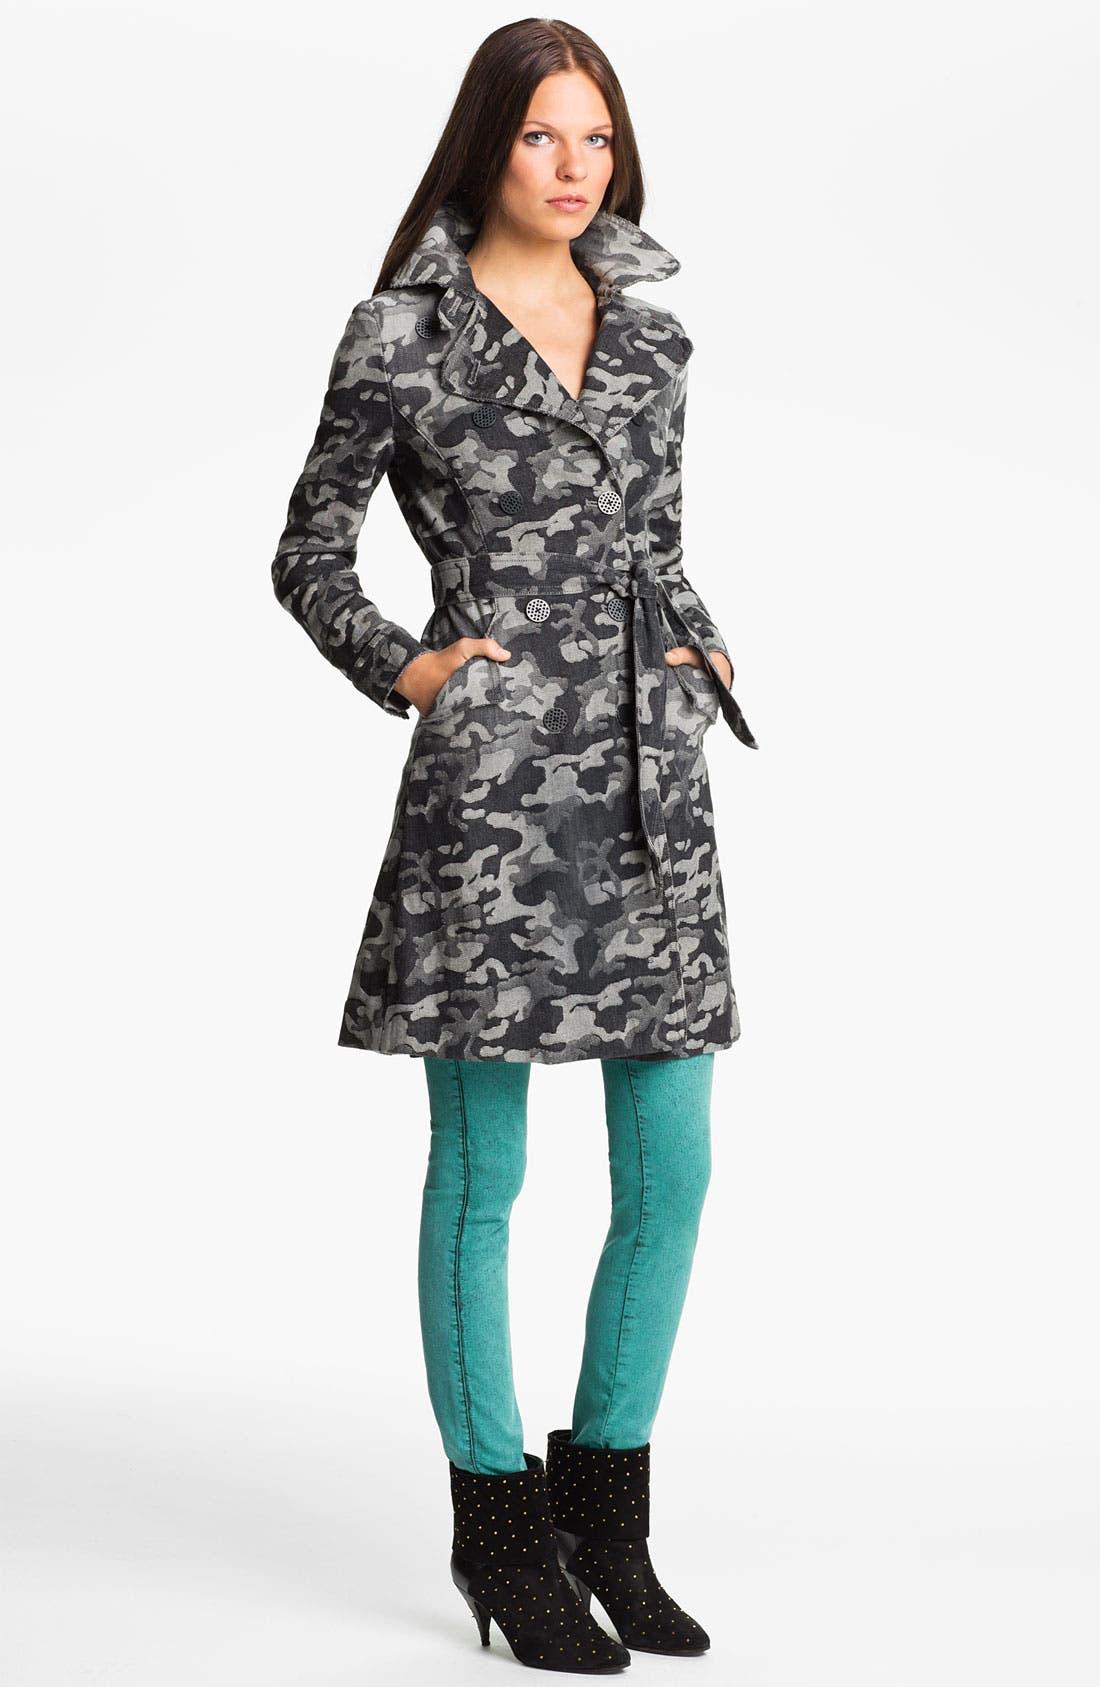 Alternate Image 1 Selected - Kelly Wearstler 'Chameleon' Camo Print Trench Coat